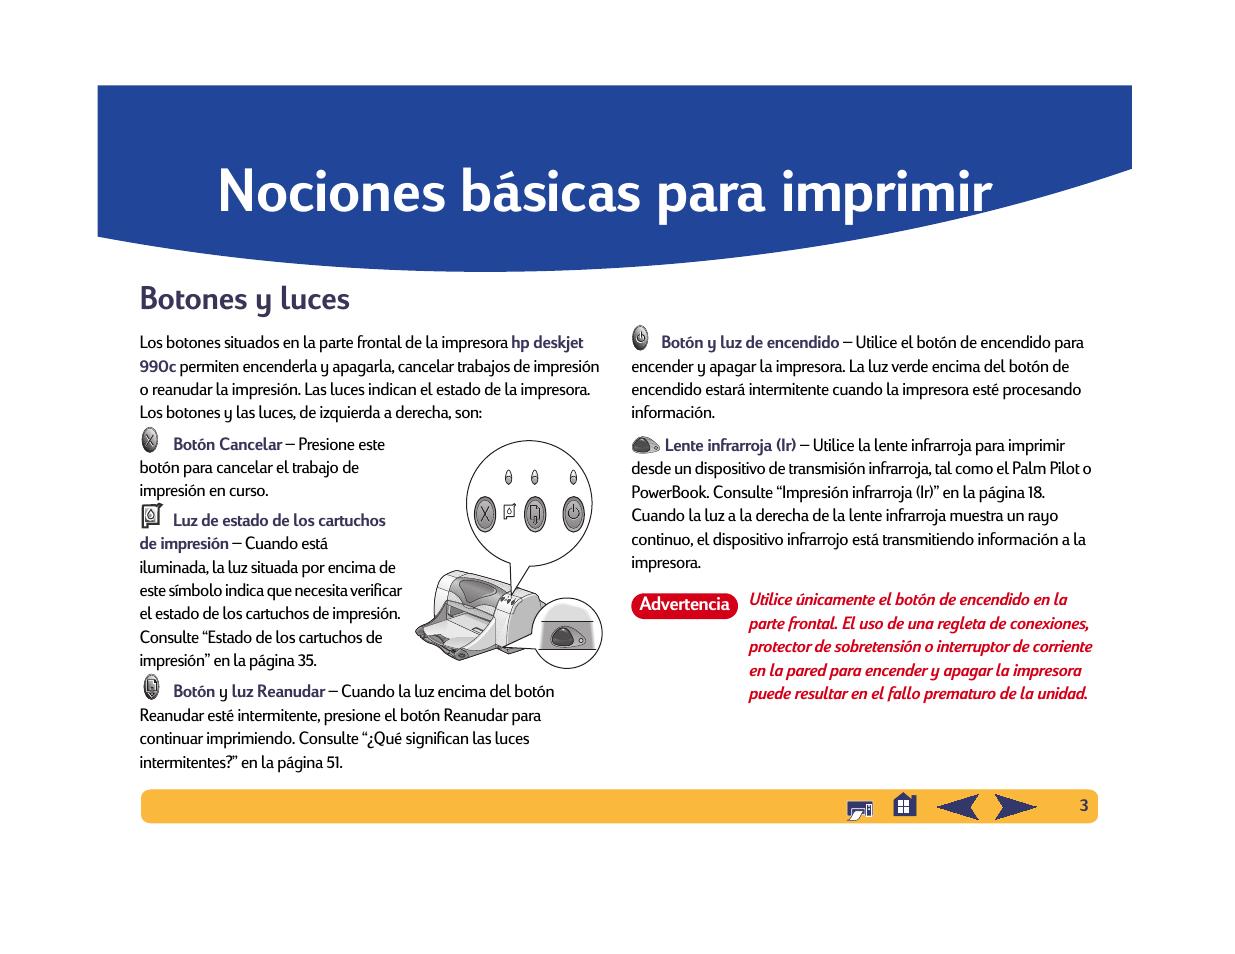 Nociones básicas para imprimir, Botones y luces | HP Impresora HP ...